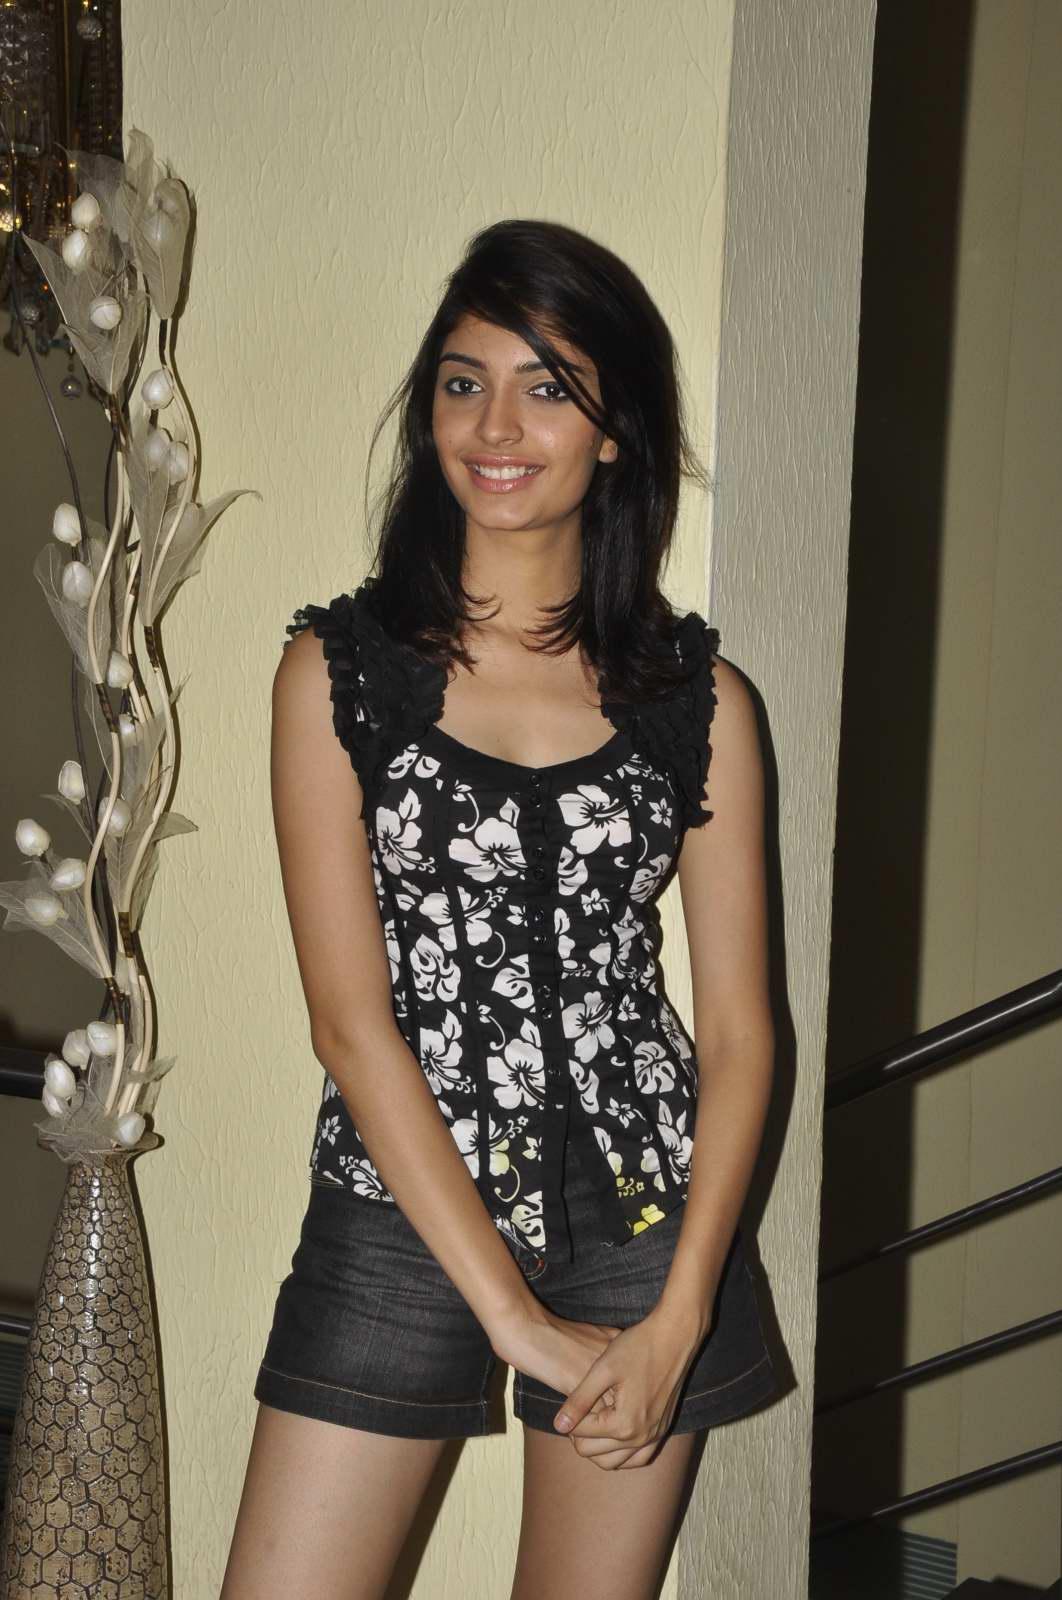 Meera Chopra - Spicy Pics | HQ Pics n Galleries